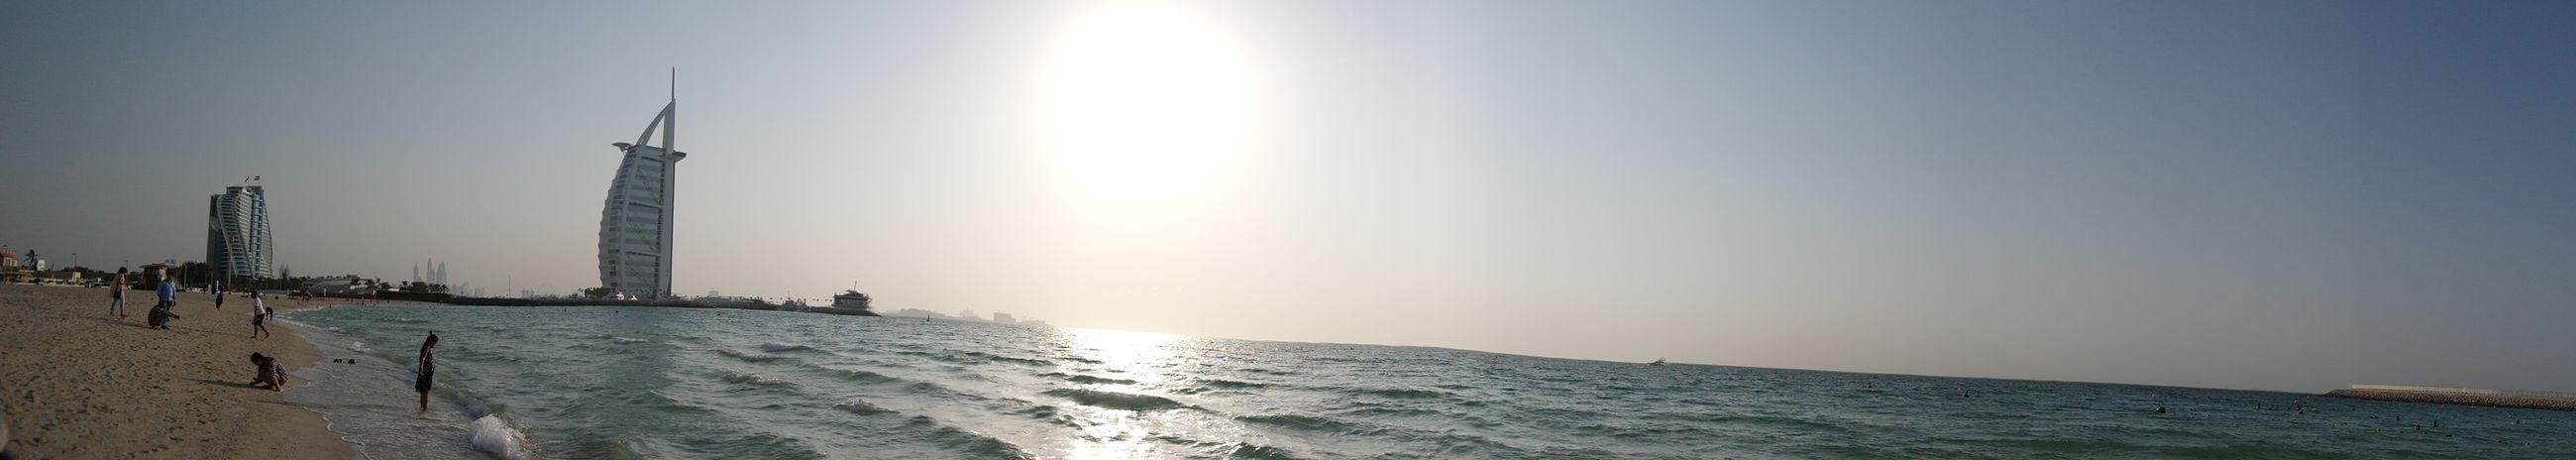 Jumera Beach Burj Al Arab